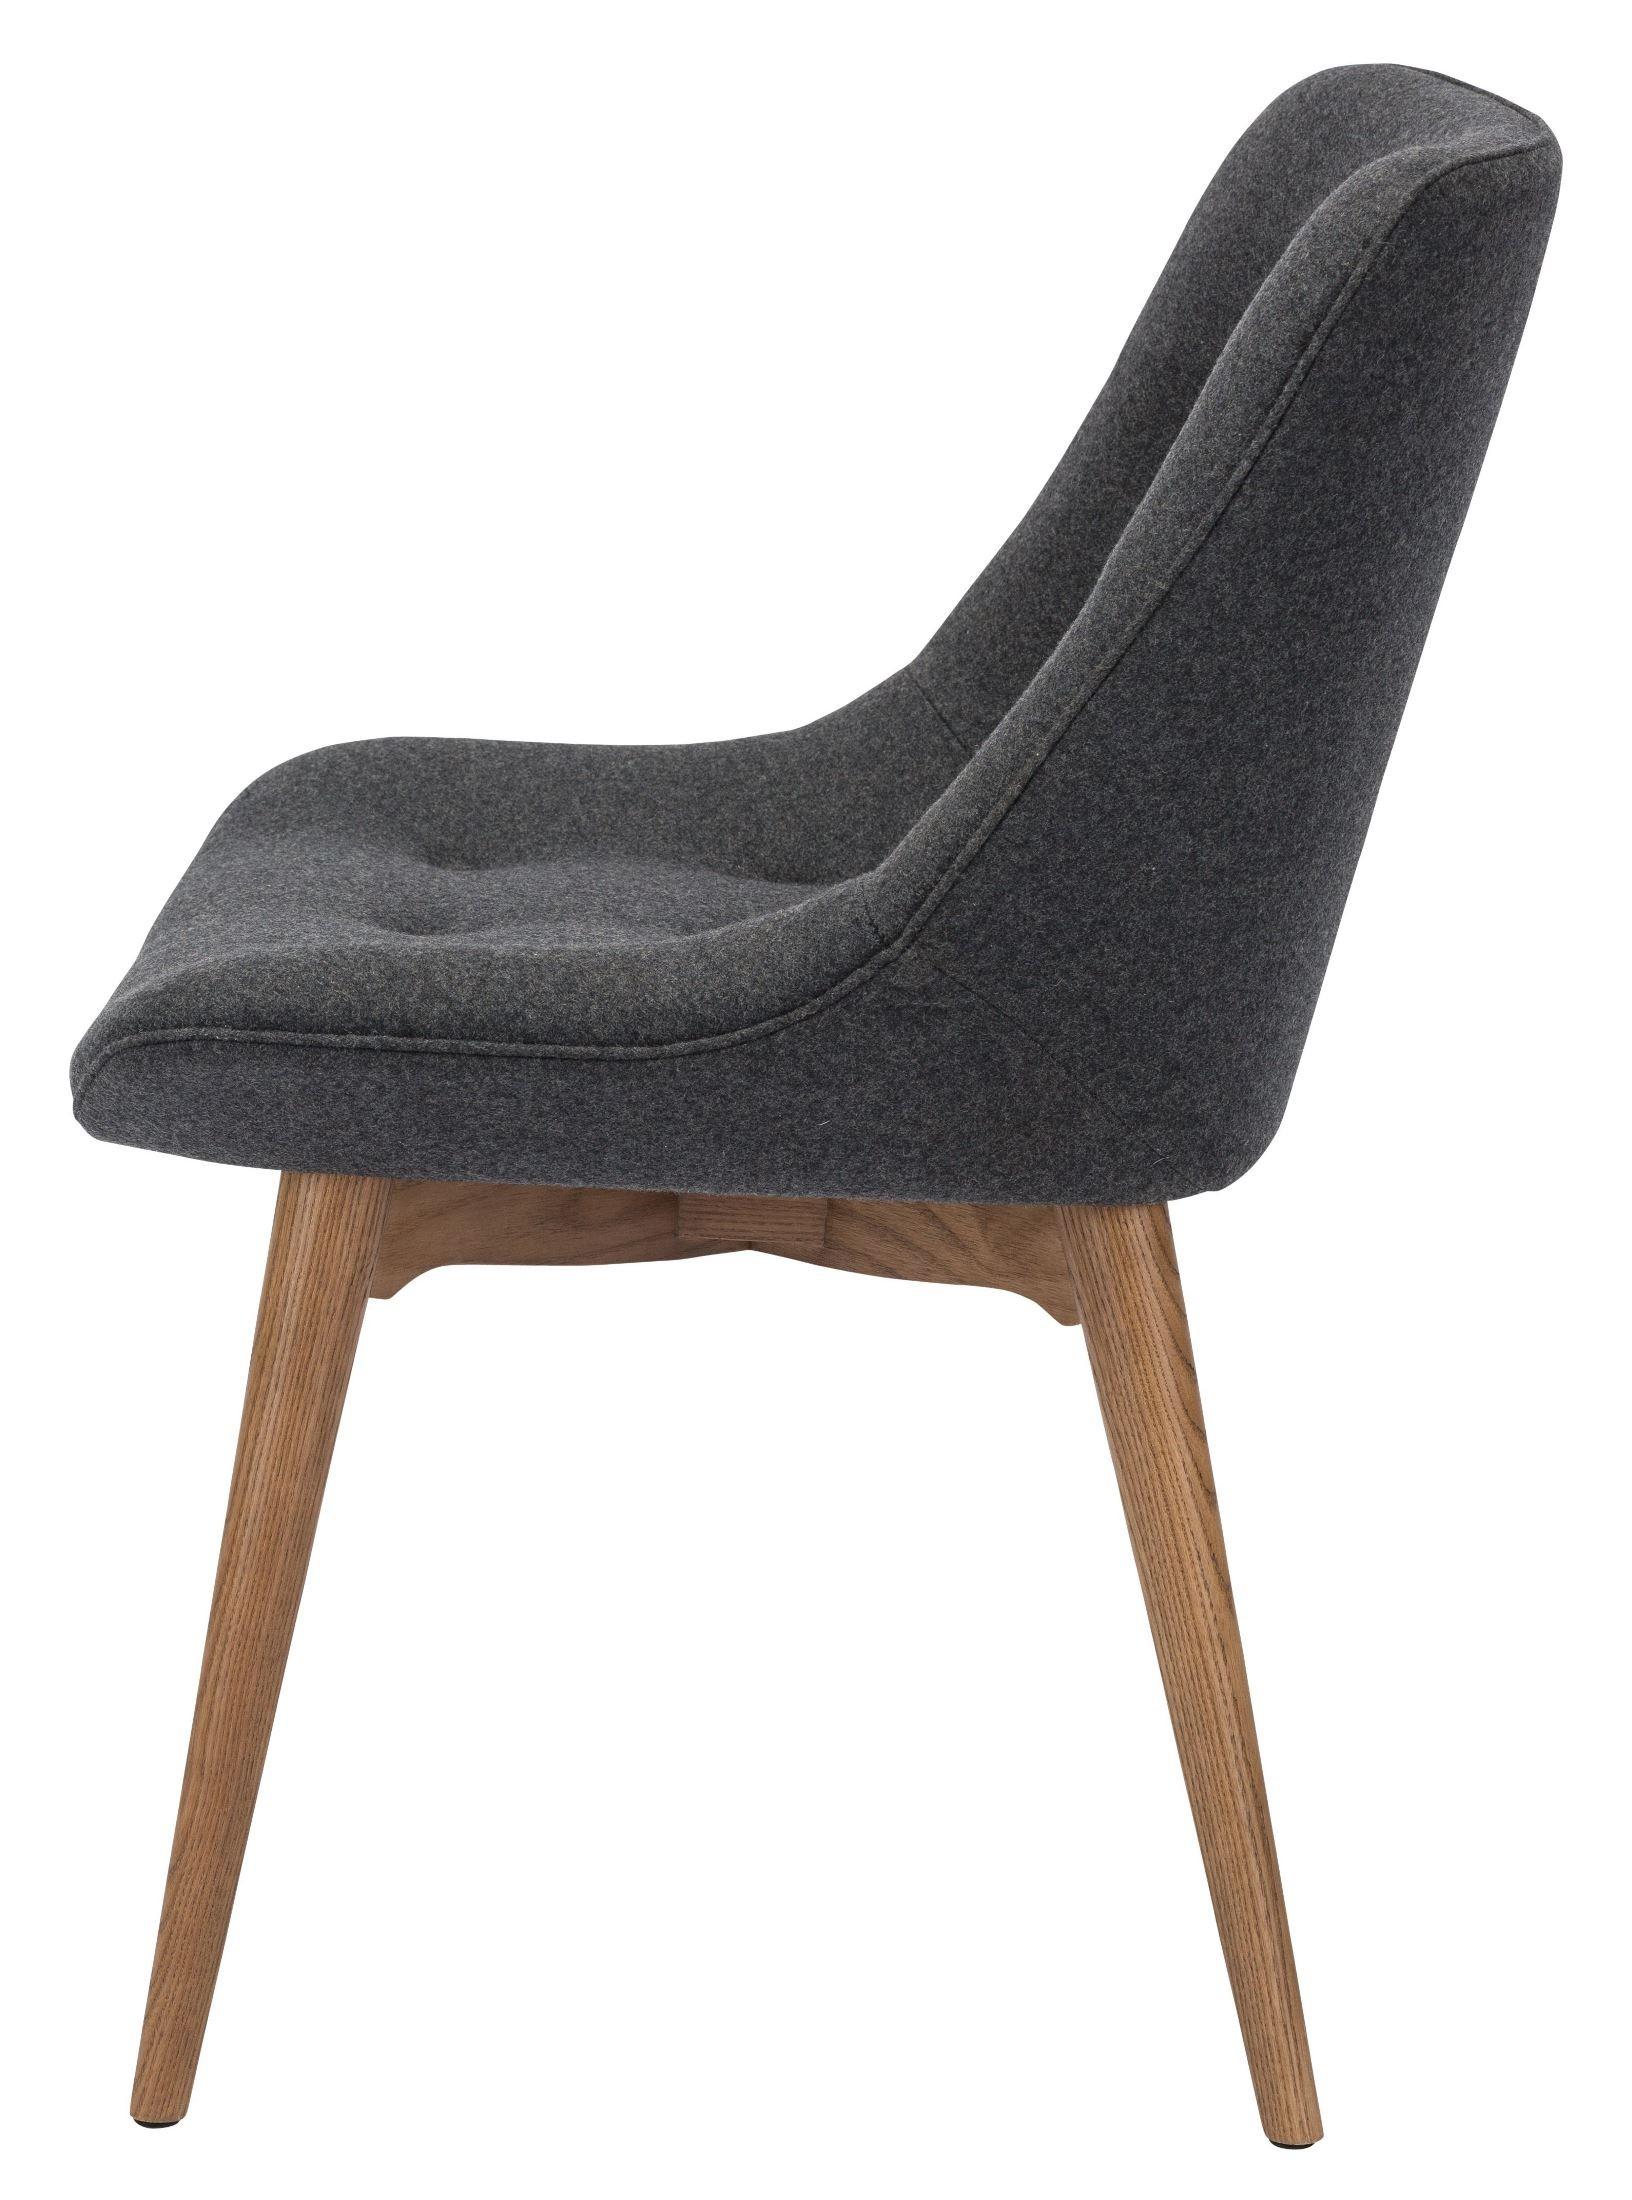 Brie Dark Grey Fabric Dining Chair HGEM642 Nuevo